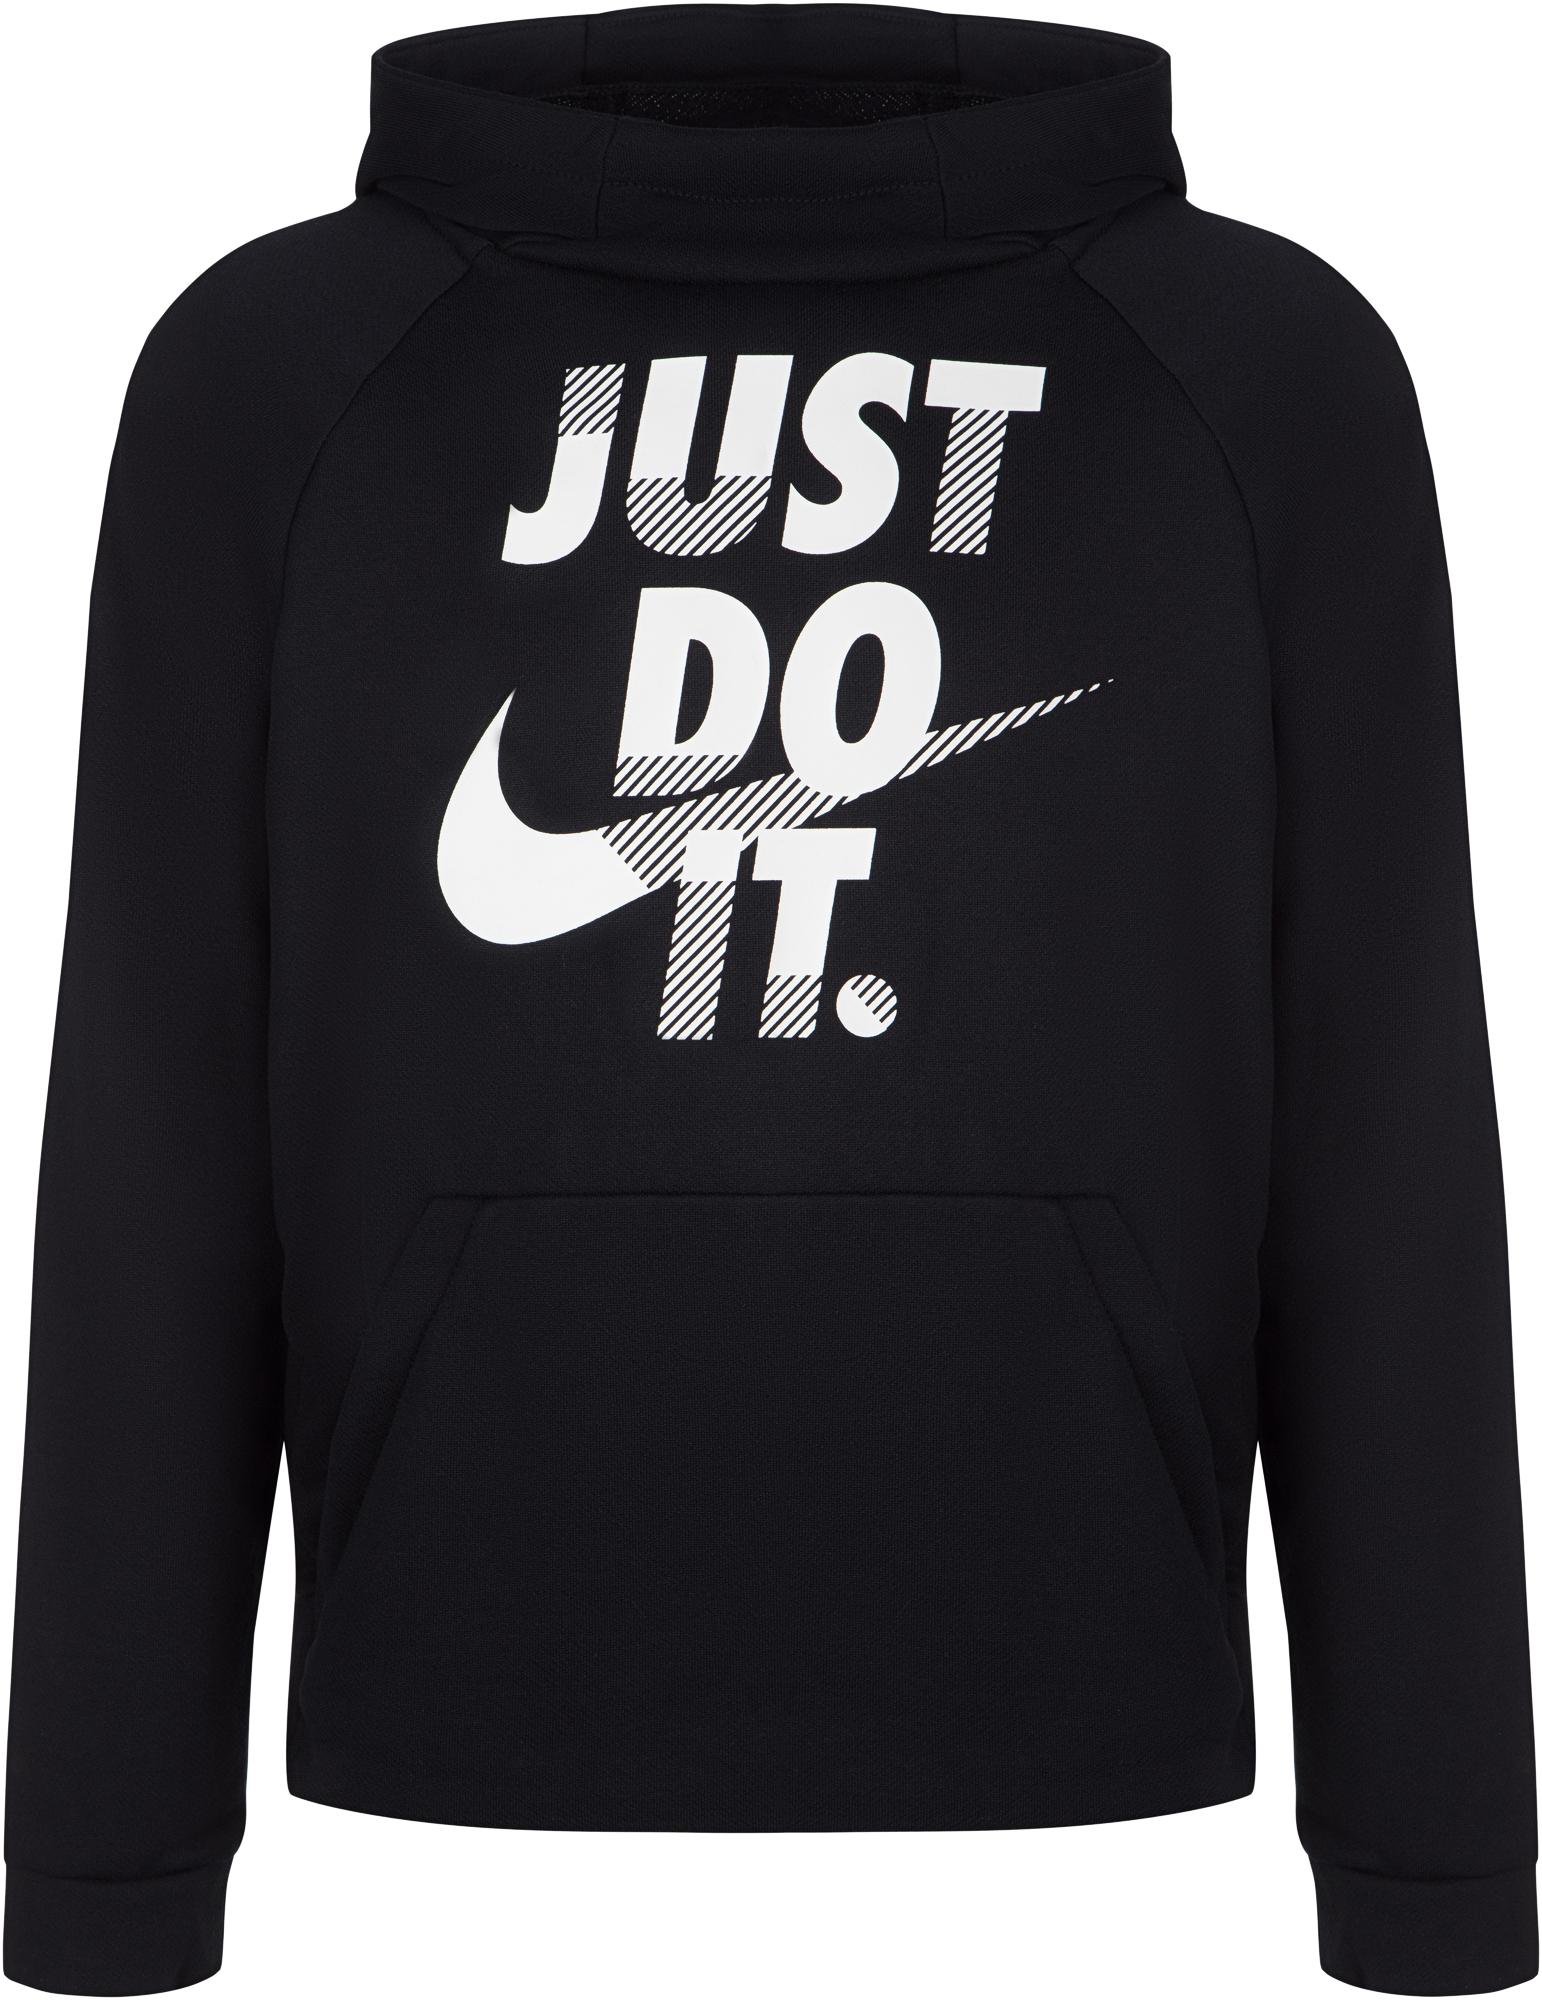 цена Nike Худи для мальчиков Nike Dry, размер 128-137 онлайн в 2017 году